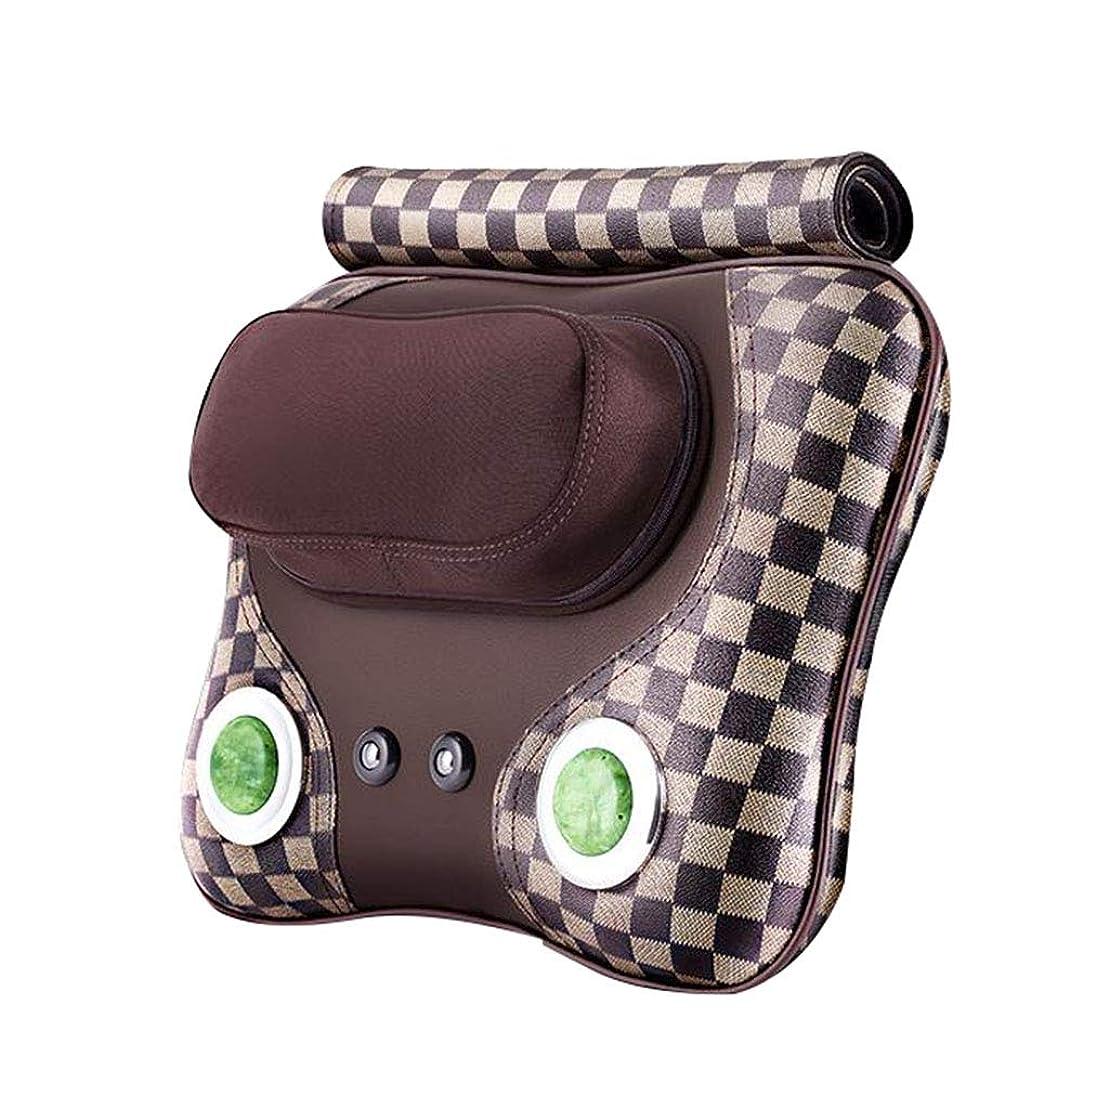 修正謝る失業マッサージャー マッサージャー首背部マッサージ枕振動マッサージマッサージパッド加熱多機能ホームオフィス車黒い贈り物 (Color : Brown, Size : 38*25*8cm)